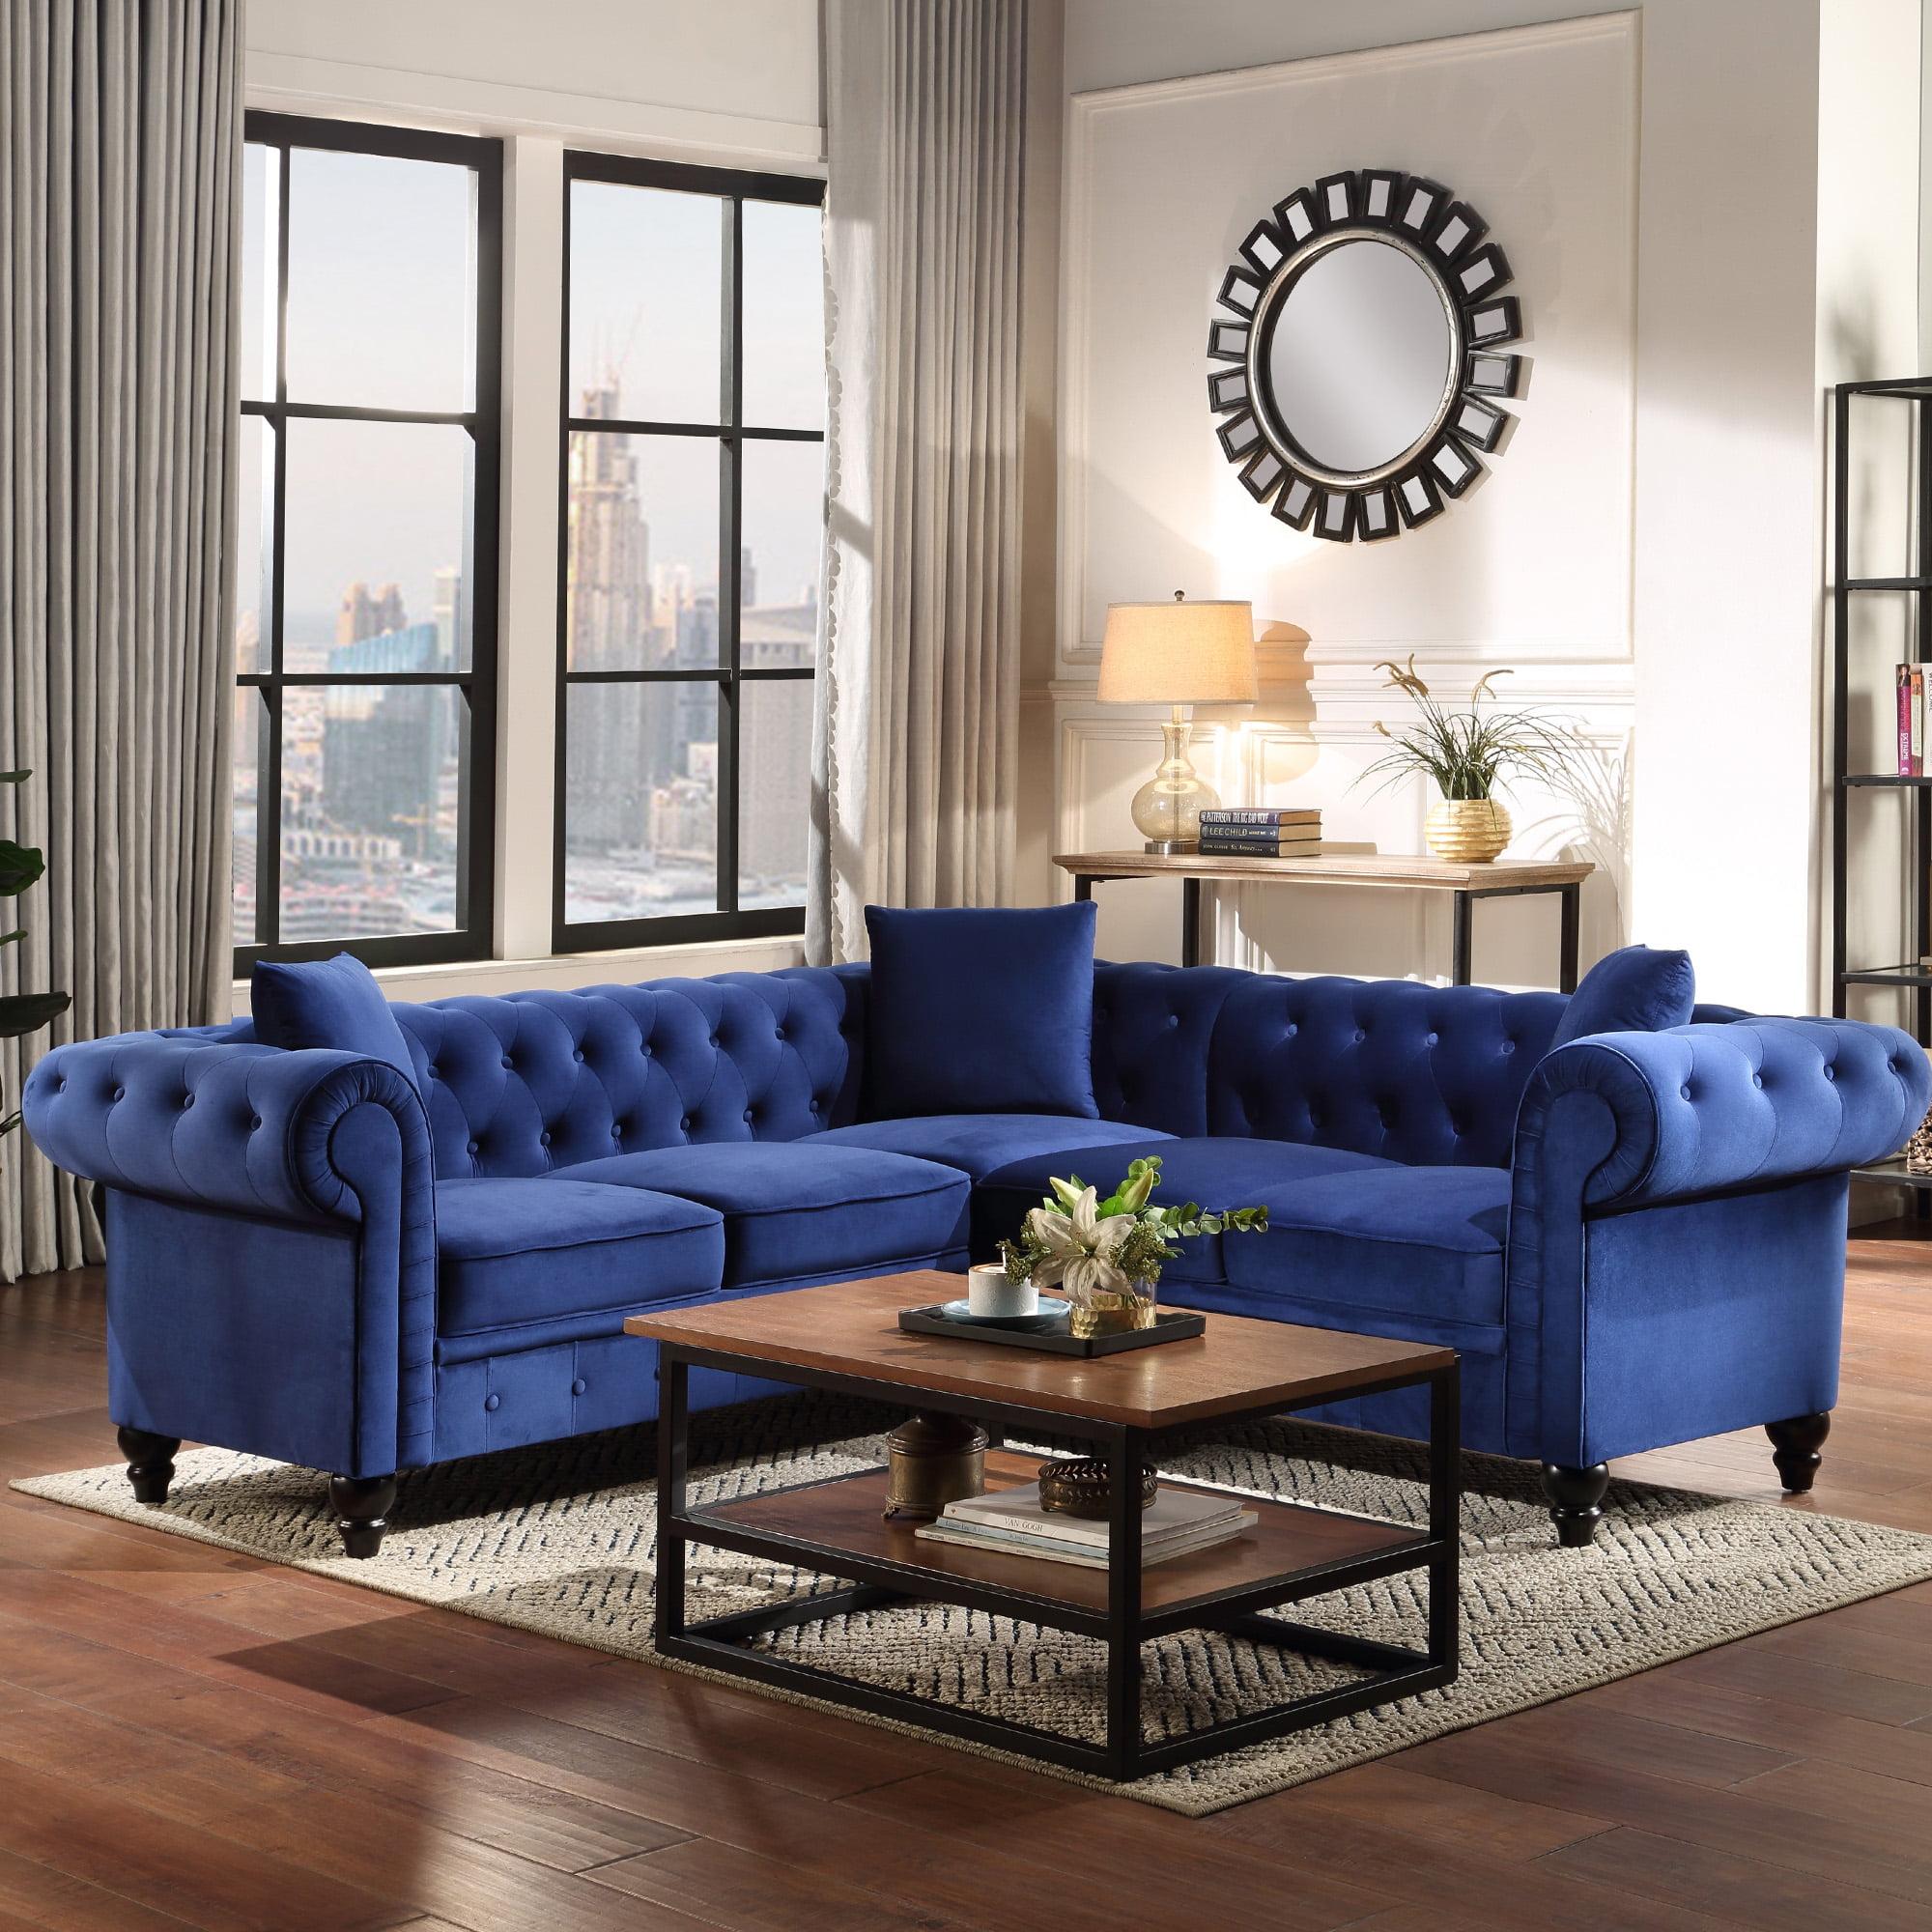 Velvet Tufted Sofa for Living Room, URHOMEPRO Mid Century ...